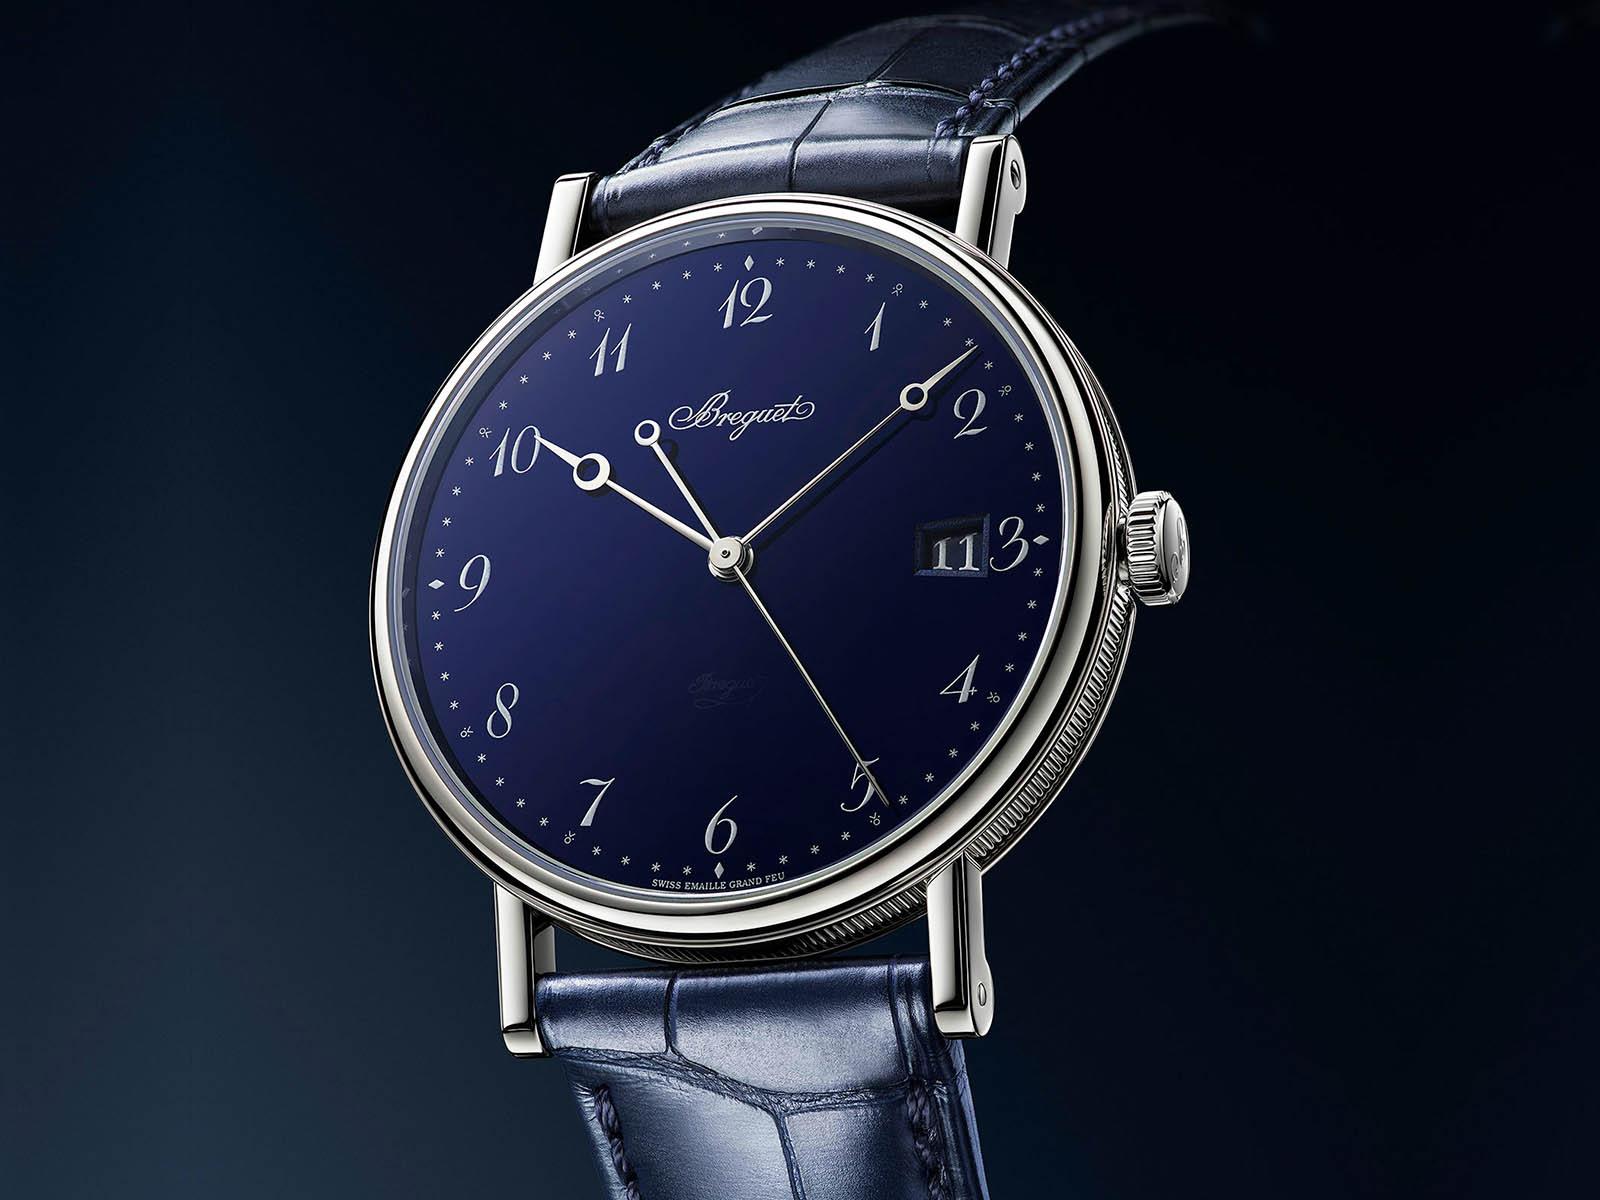 5177bb-2y-9v6-breguet-classique-5177-blue-grand-feu-enamel-3.jpg